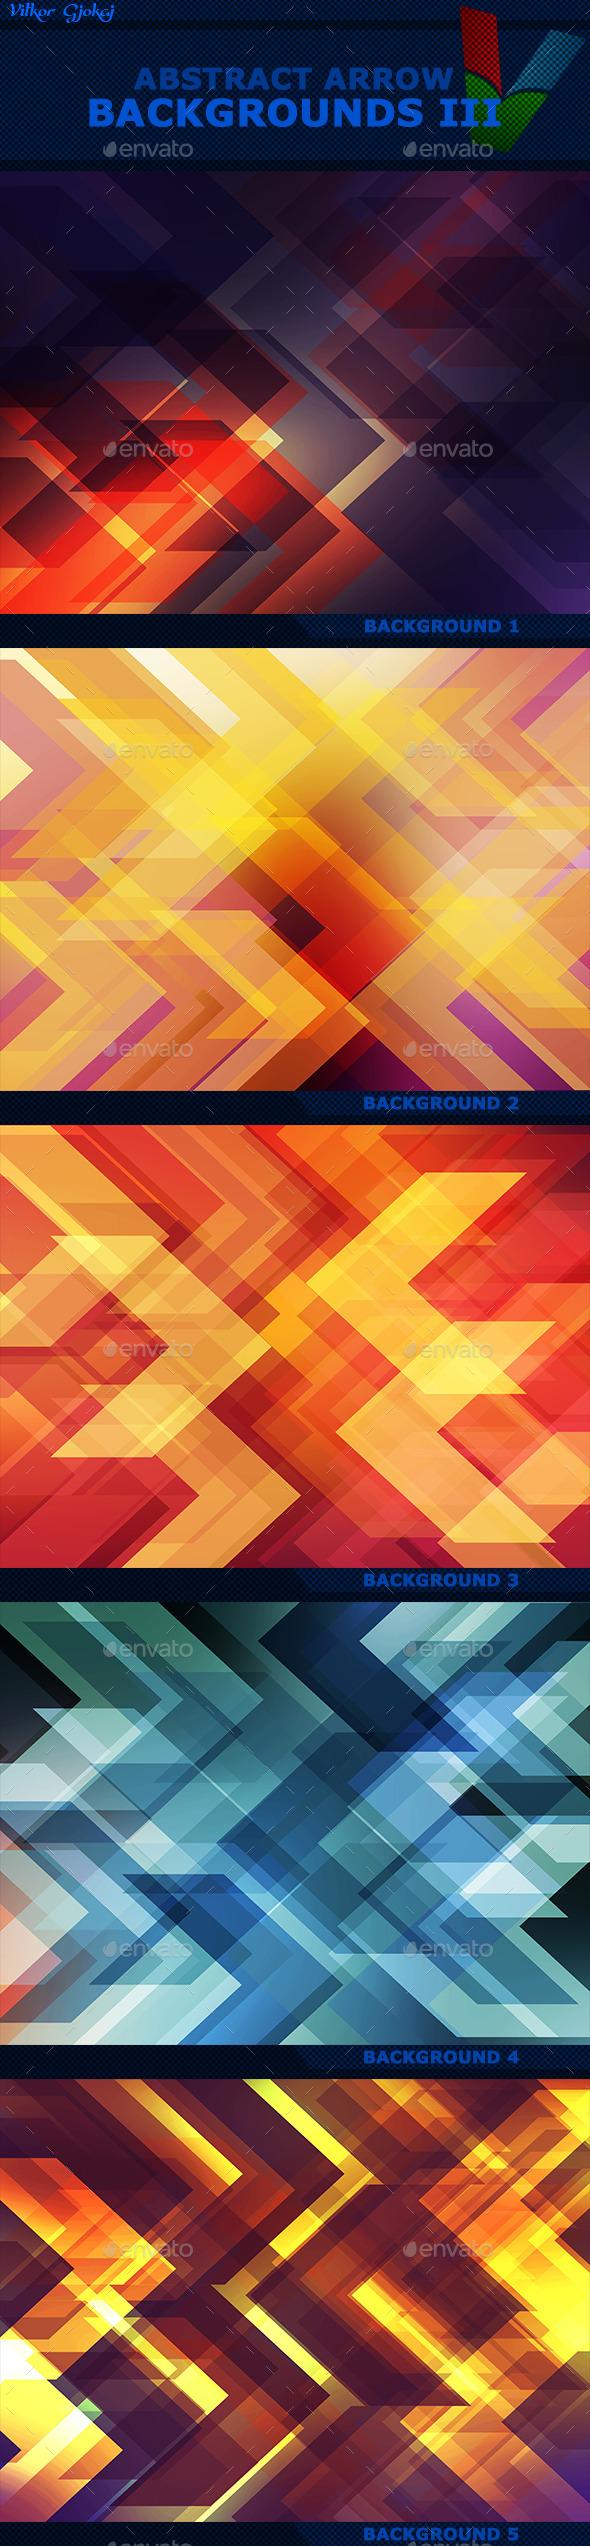 Abstract Arrow Backgrounds III